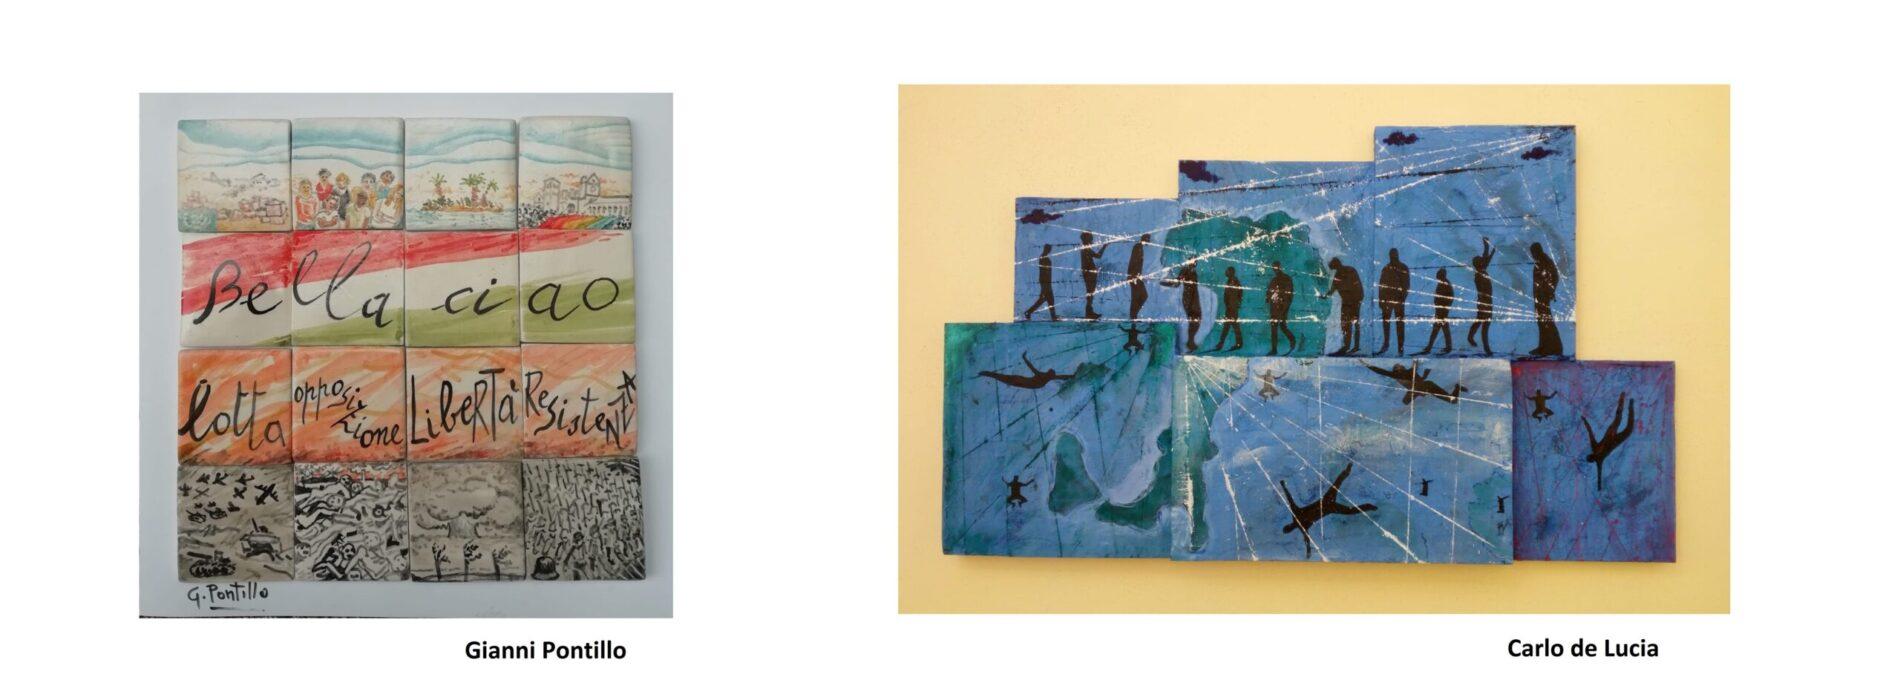 LiberAzione-21, l'art tribute di Gianni Pontillo e Carlo de Lucia